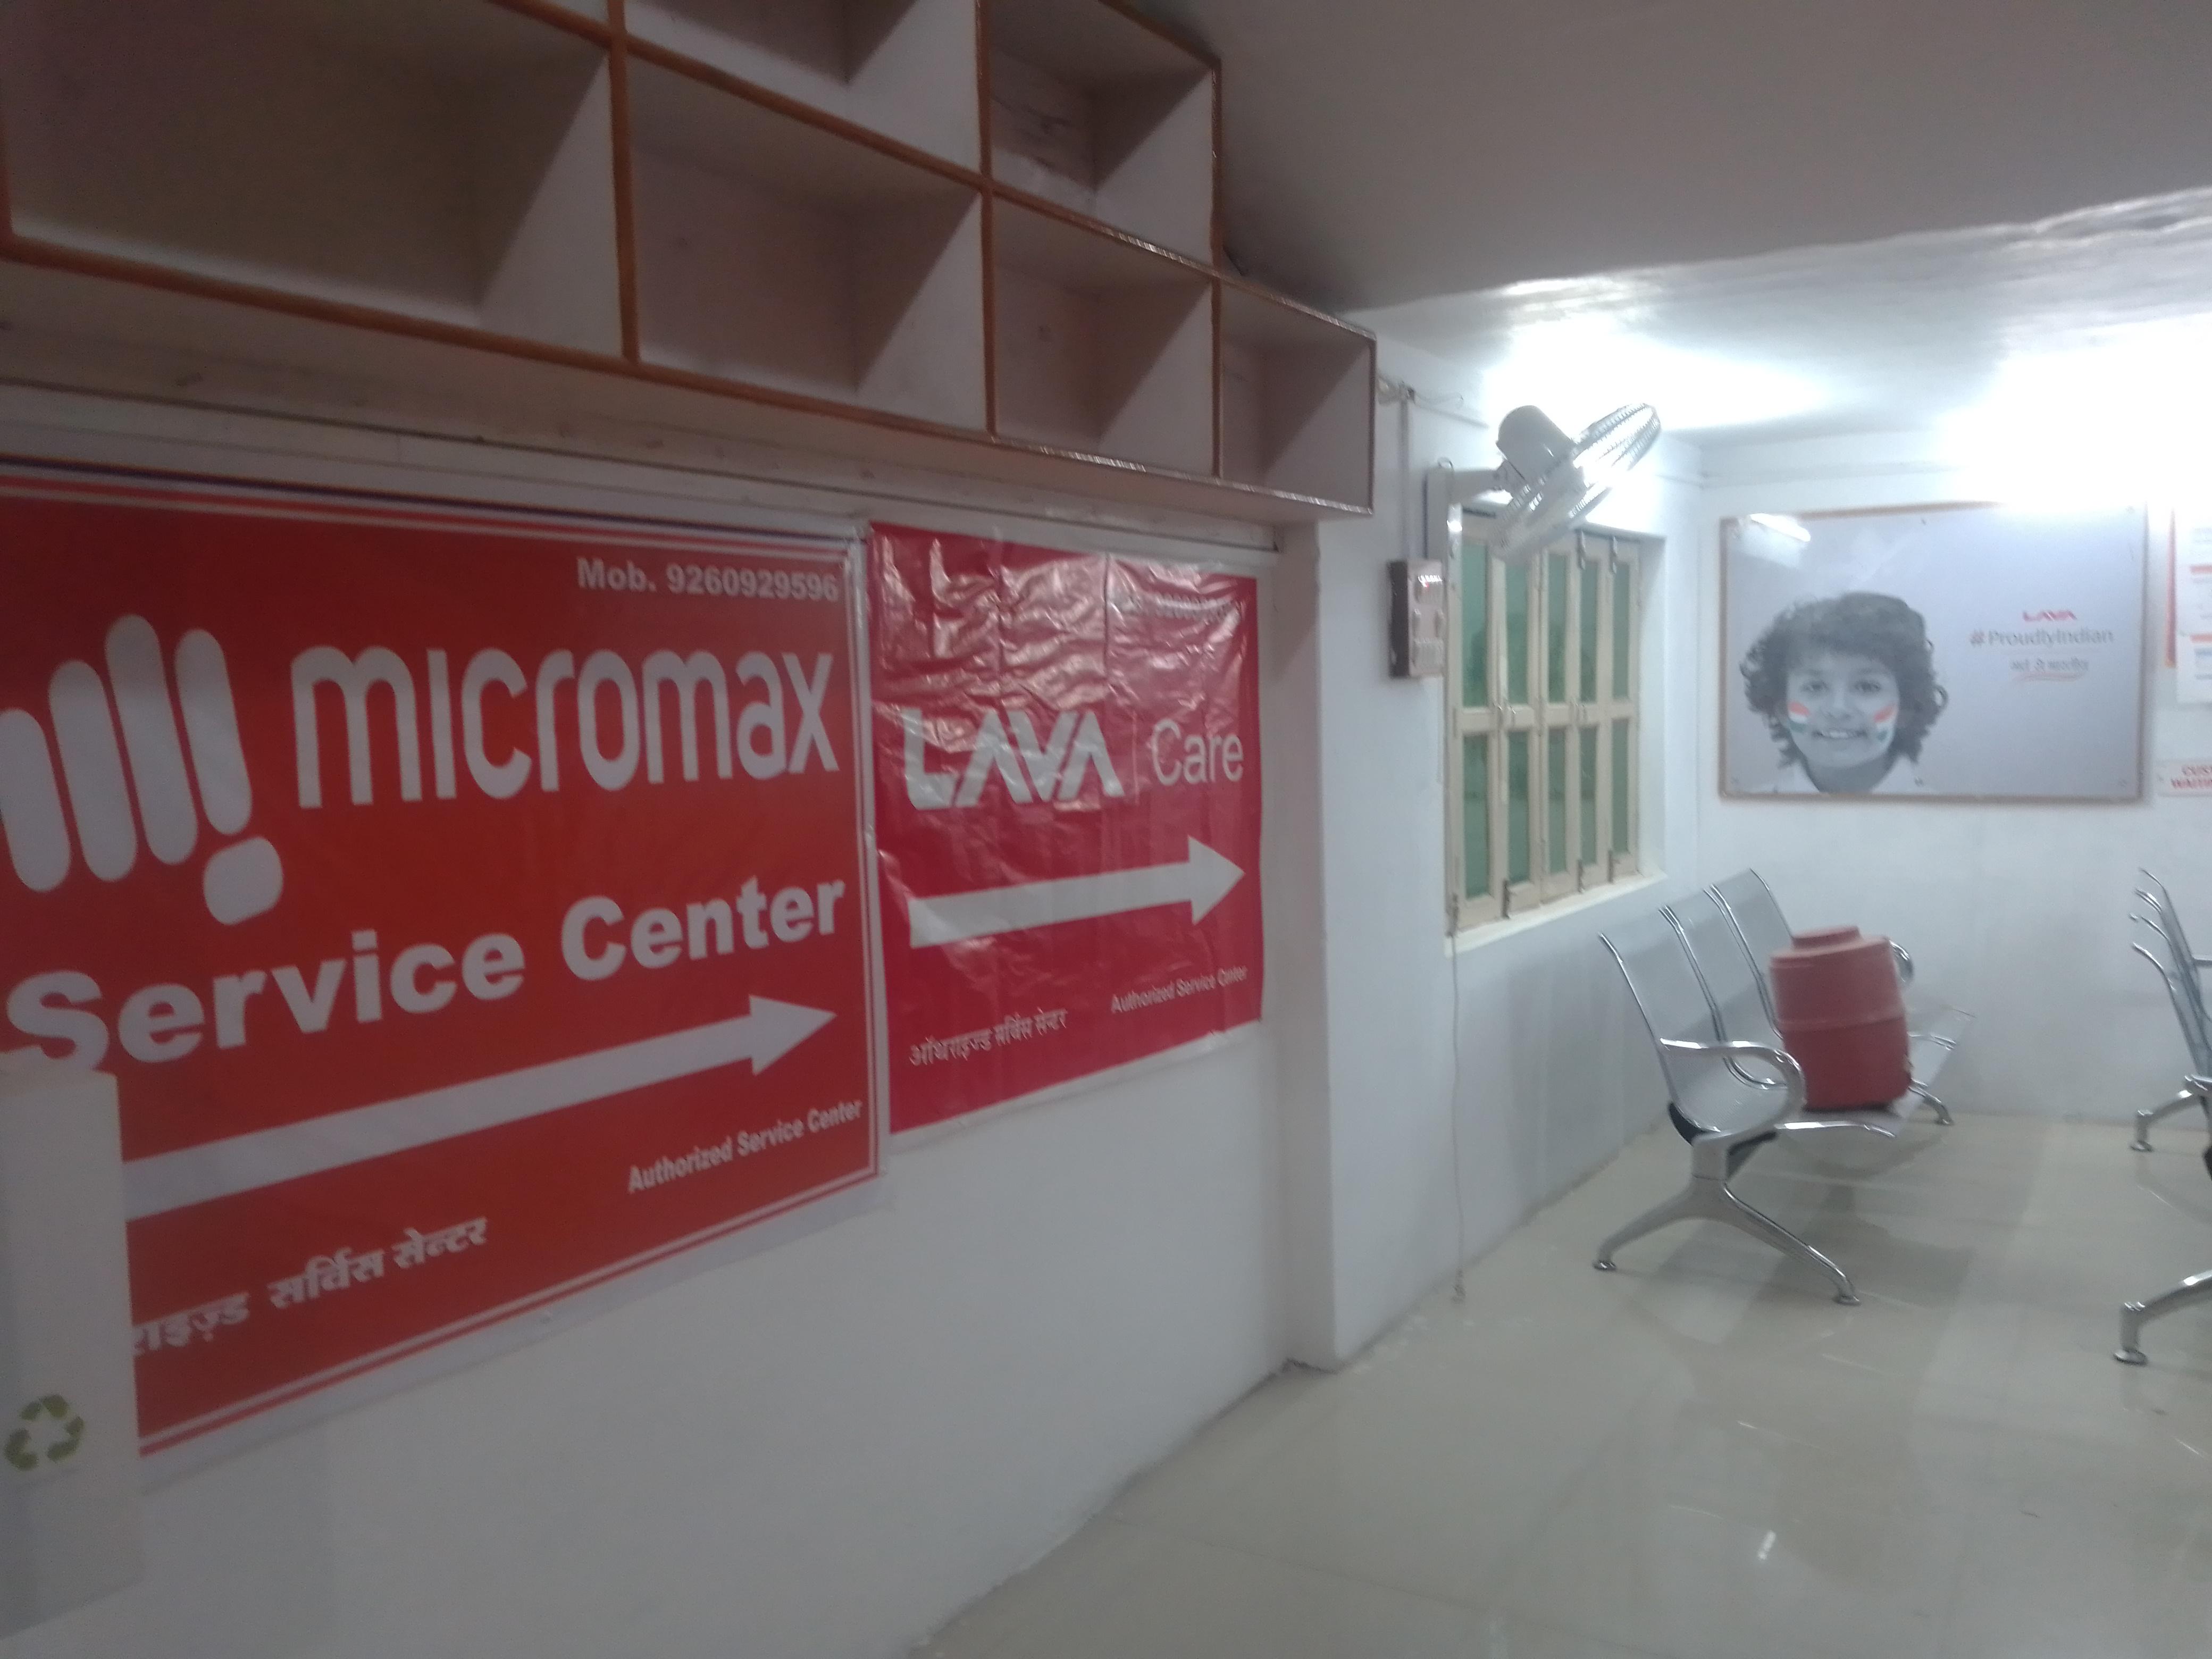 Micromax Service Center Mau